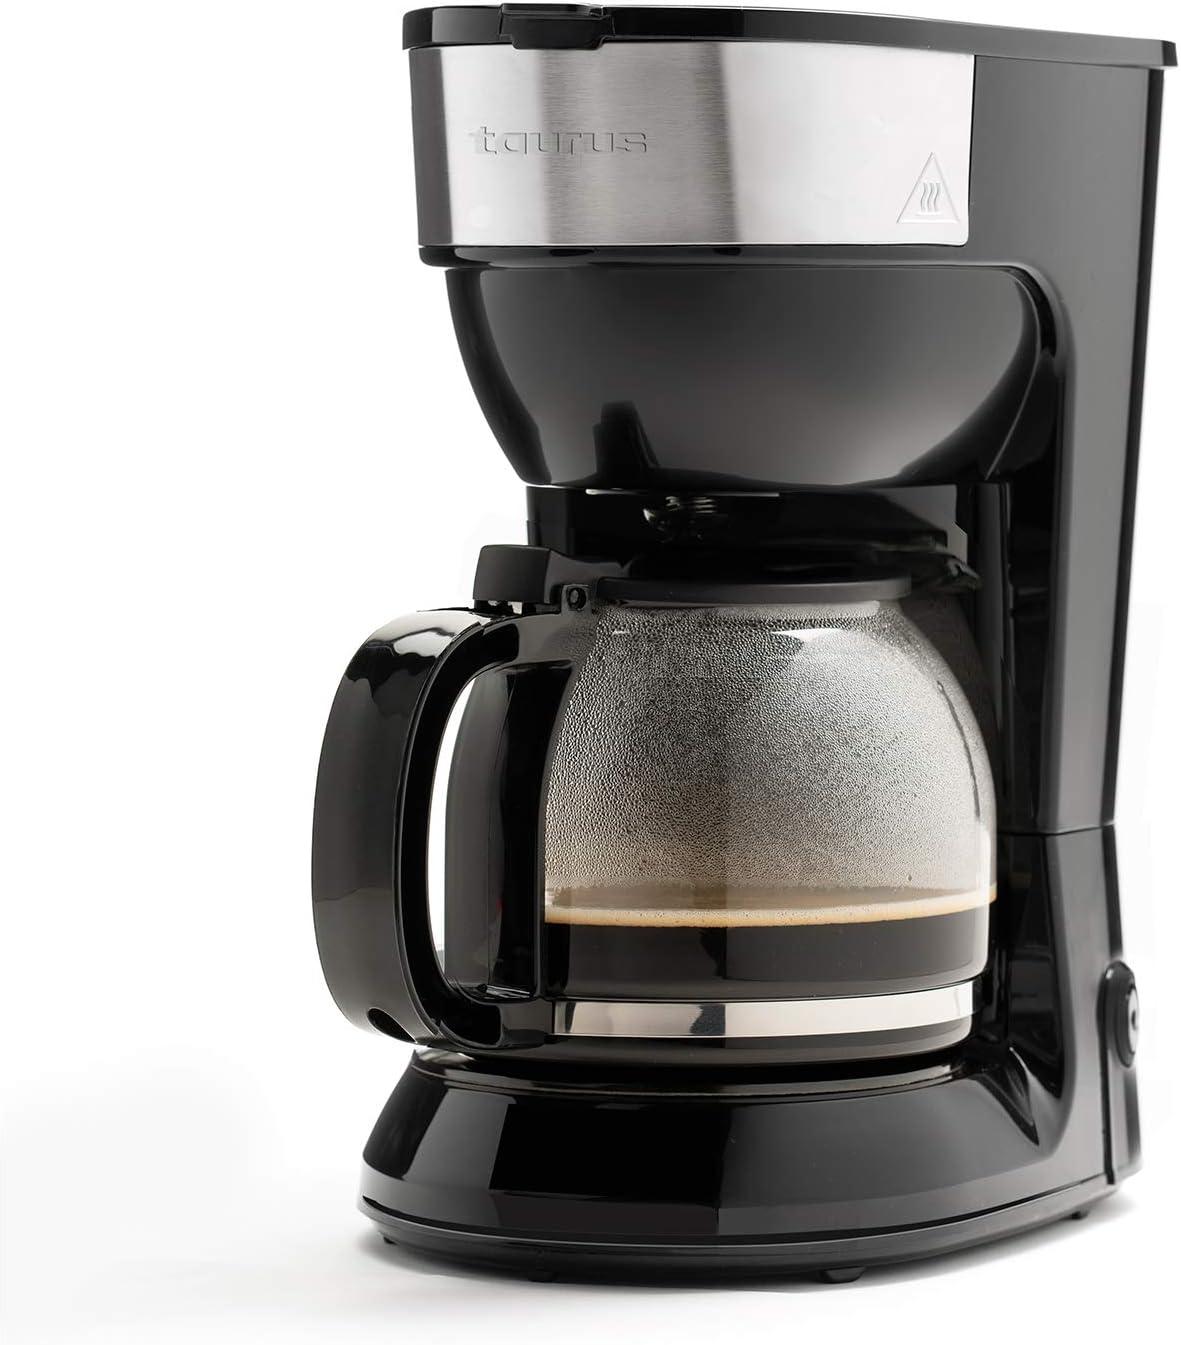 Taurus Capuleto - Cafetera de goteo, 1.5l, hasta 15 tazas, jarra cristal, antigoteo automático, placa calefactora mantén café caliente, fácil uso, filtro permanente-lavable, rápida, 900W, negra, inox